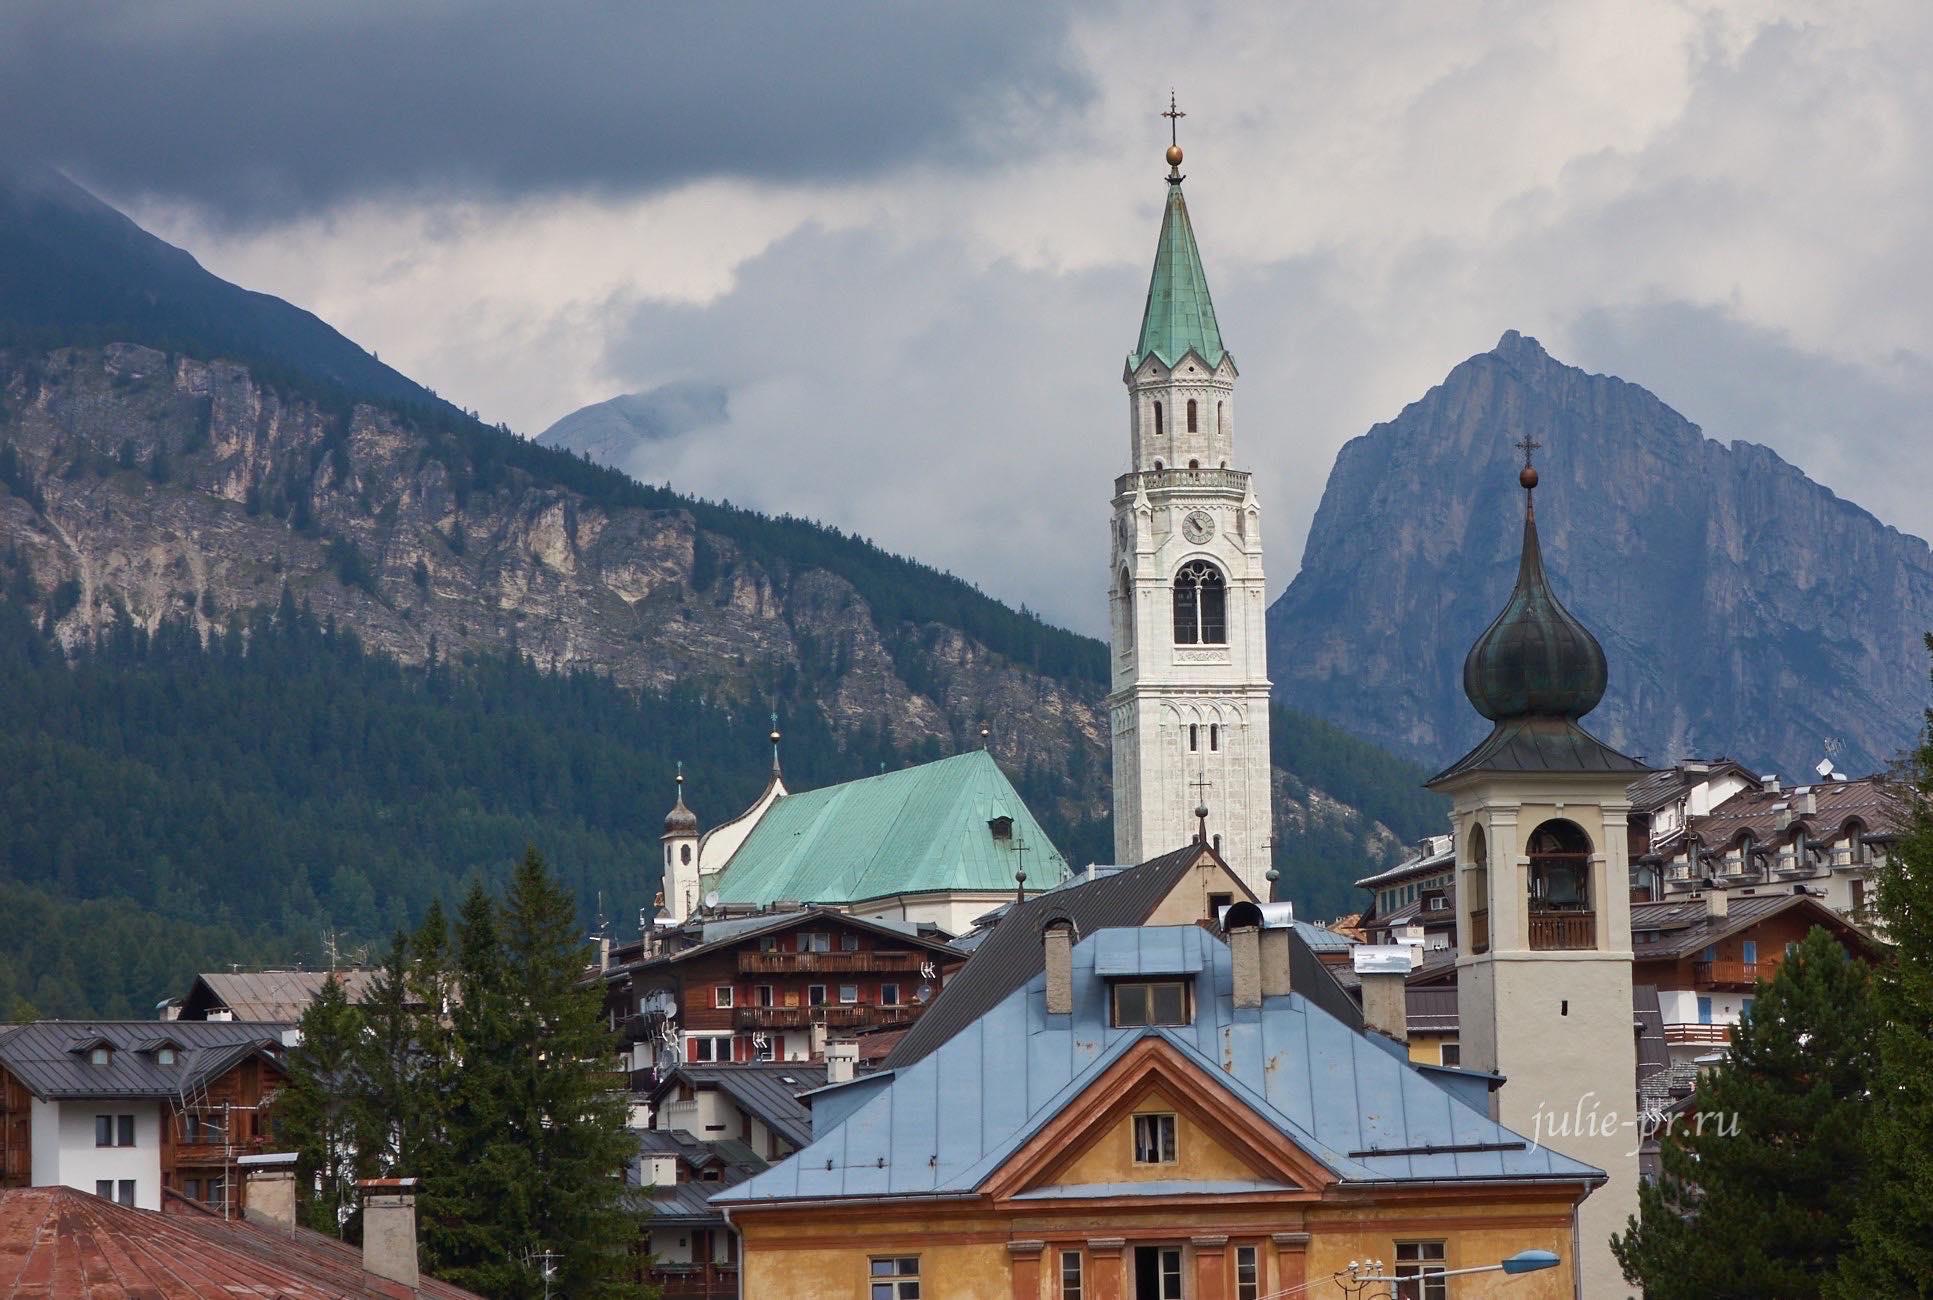 Италия, Альпы, Доломиты, Кортина-д'Ампеццо